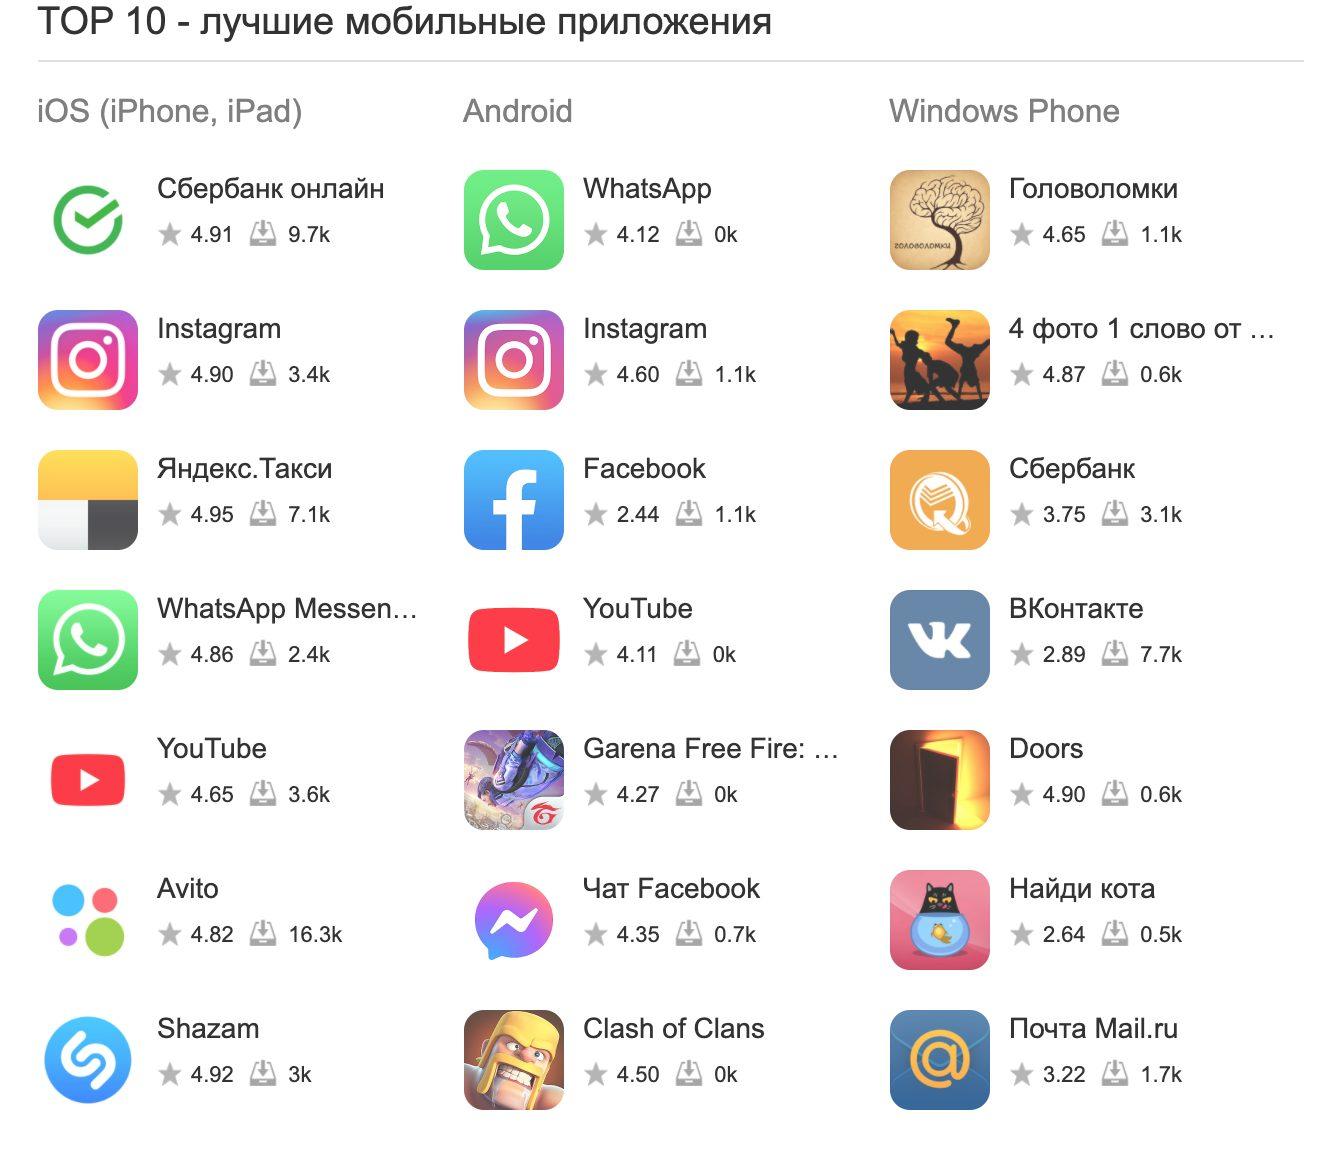 Как выбрать лучшее приложение для андроида